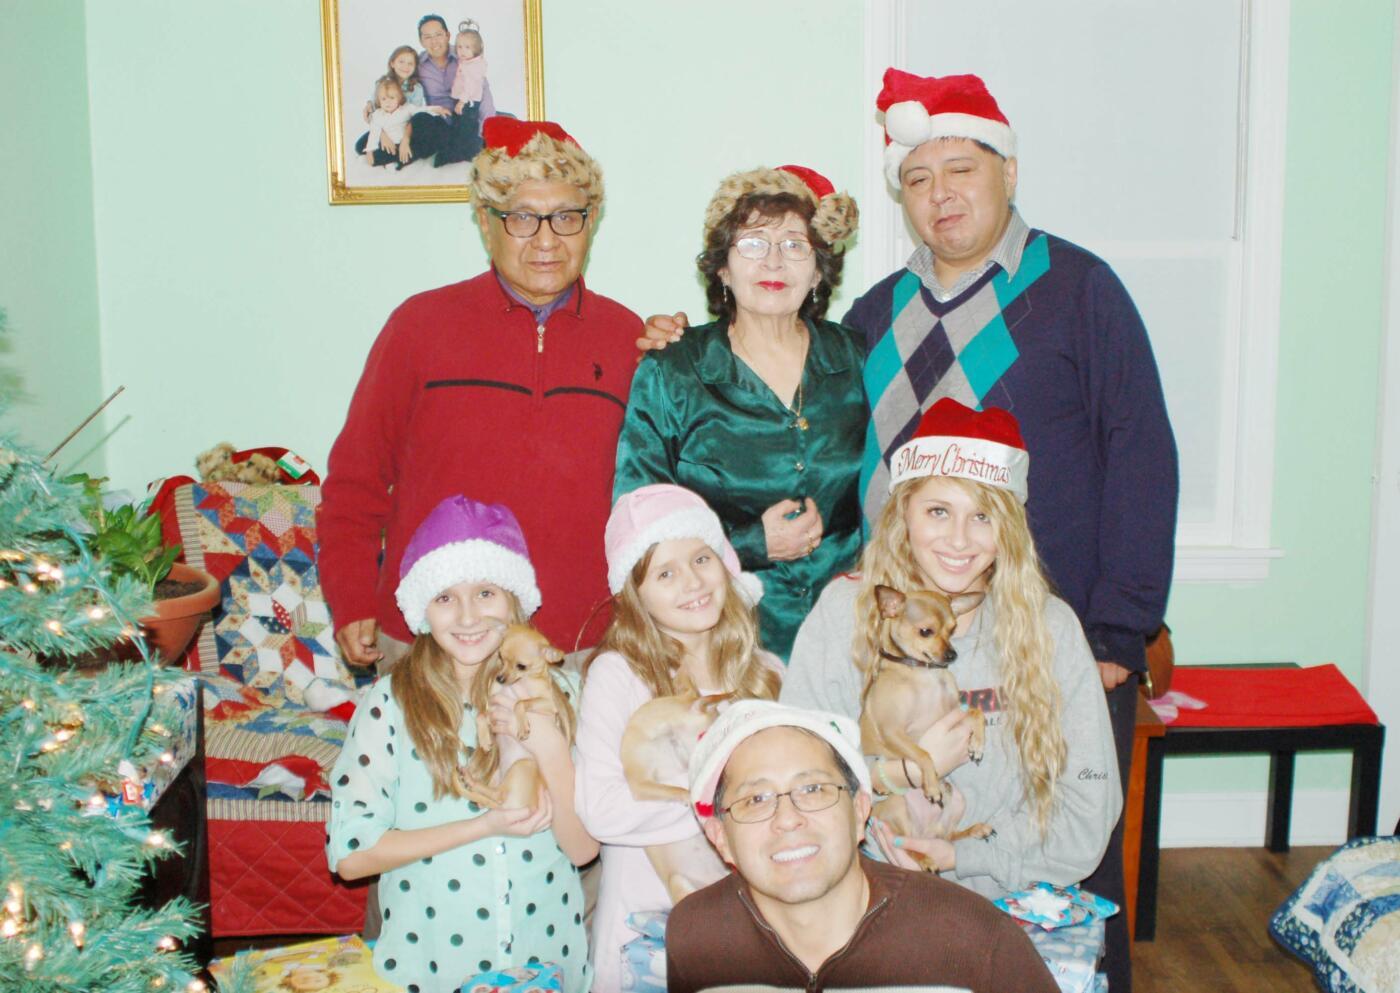 Navidad es esperanza, amor, solidaridad, reflexión, reconciliación y  perdón